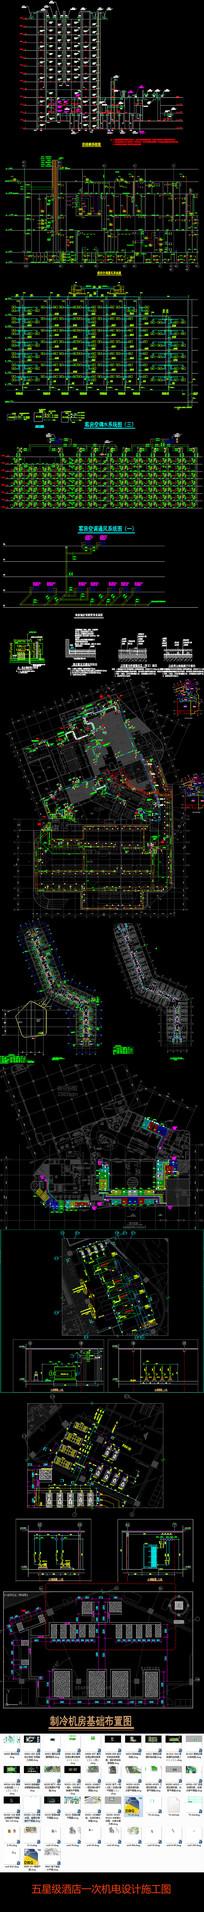 五星级酒店强弱CAD施工图